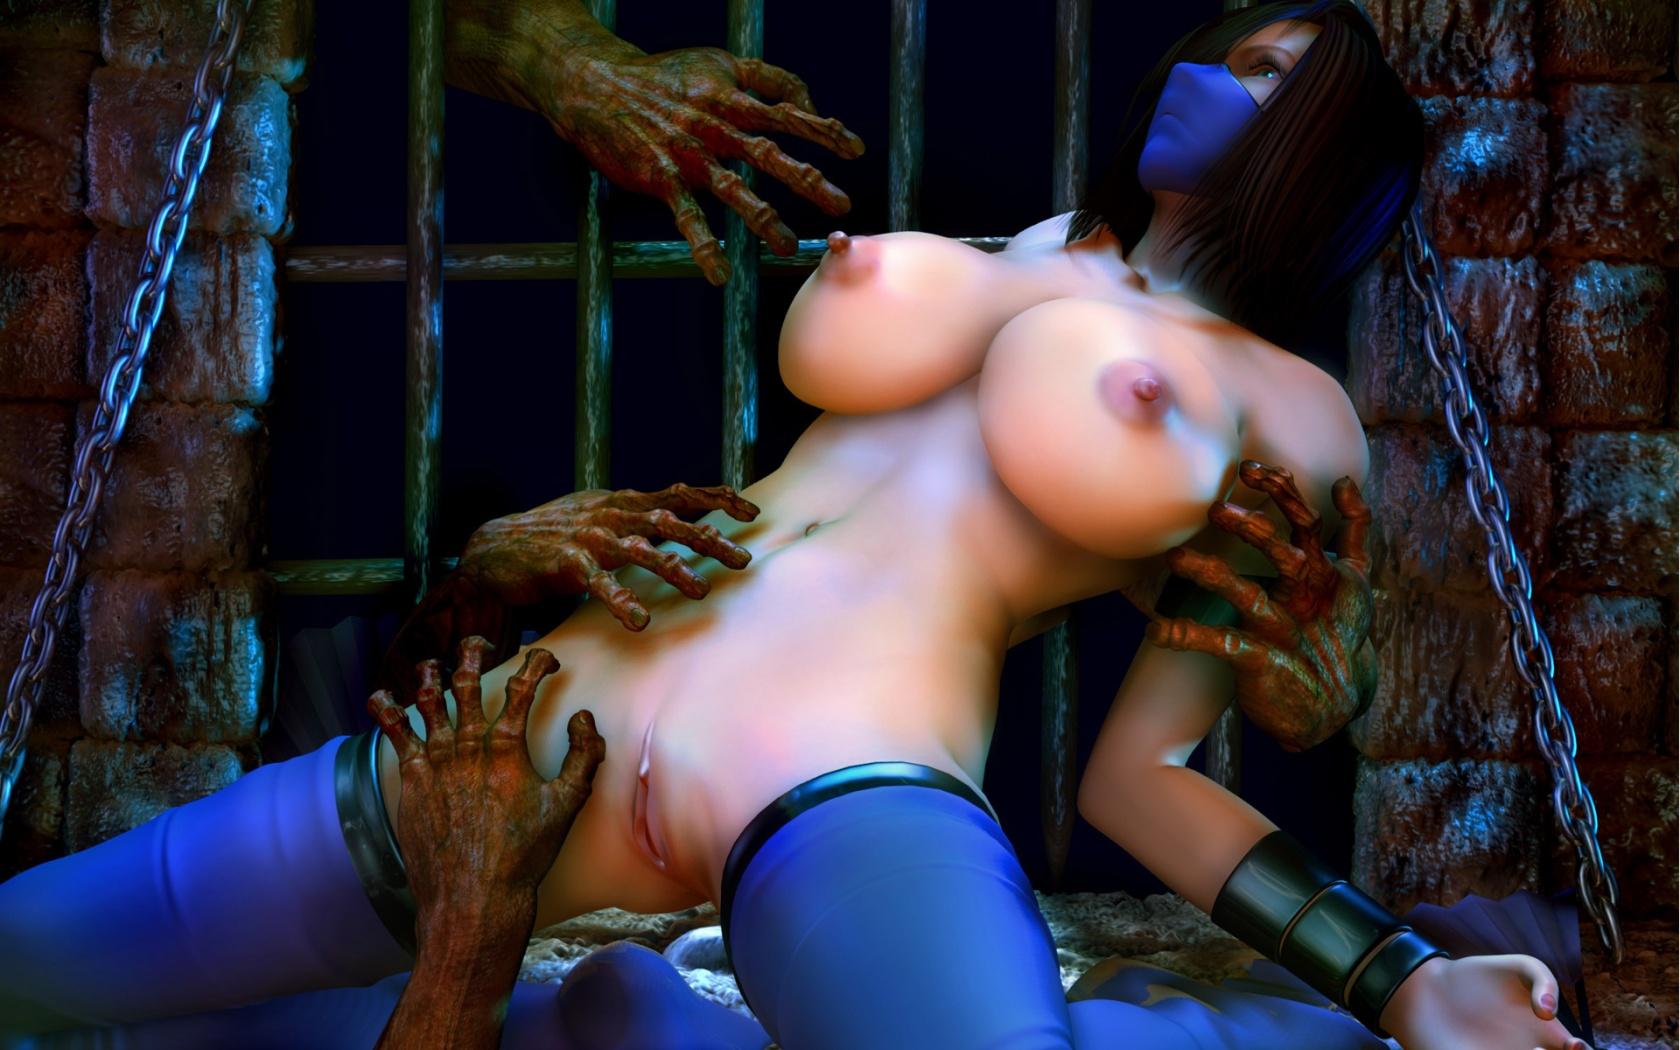 Naked Getls In Mortal Kombat